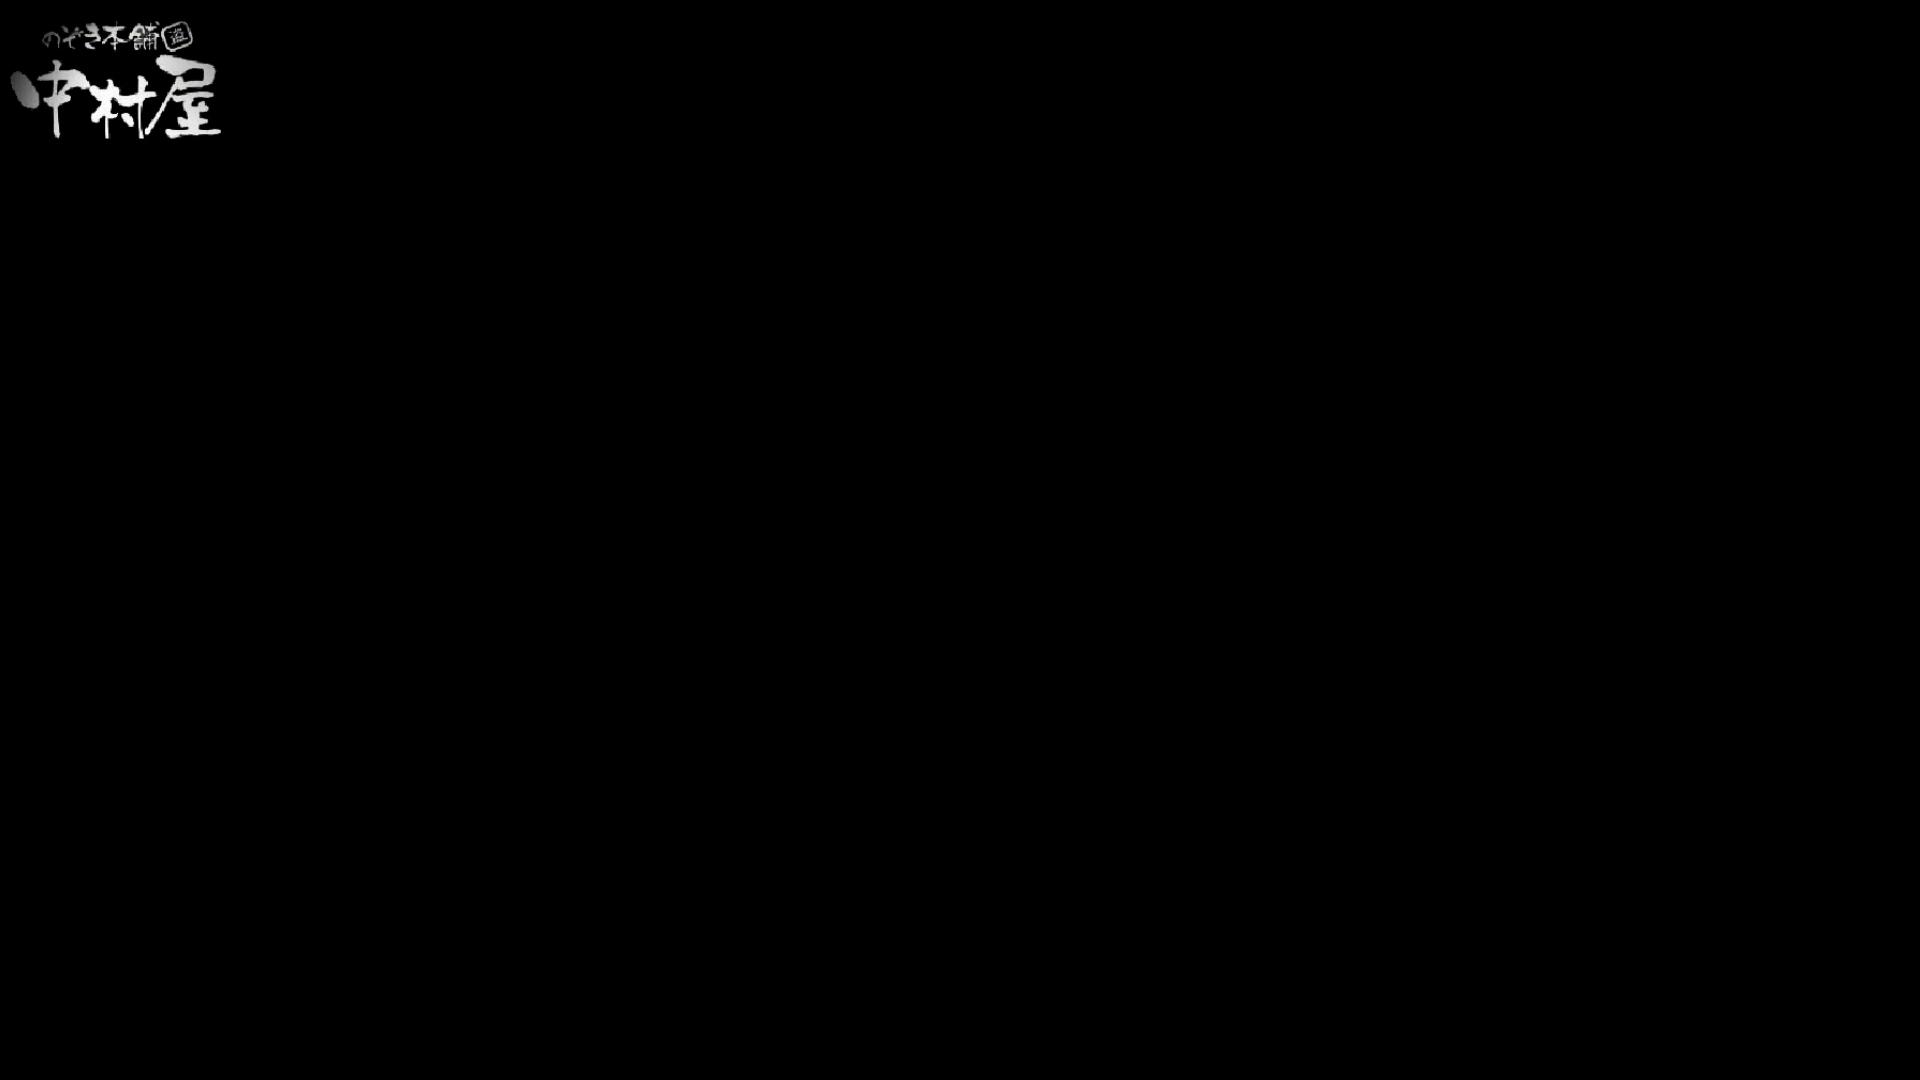 雅さんが厳選新年特別コンテンツ!激走!東京マラソン選手専用女子トイレvol.9 排泄隠し撮り 覗きおまんこ画像 101pic 27